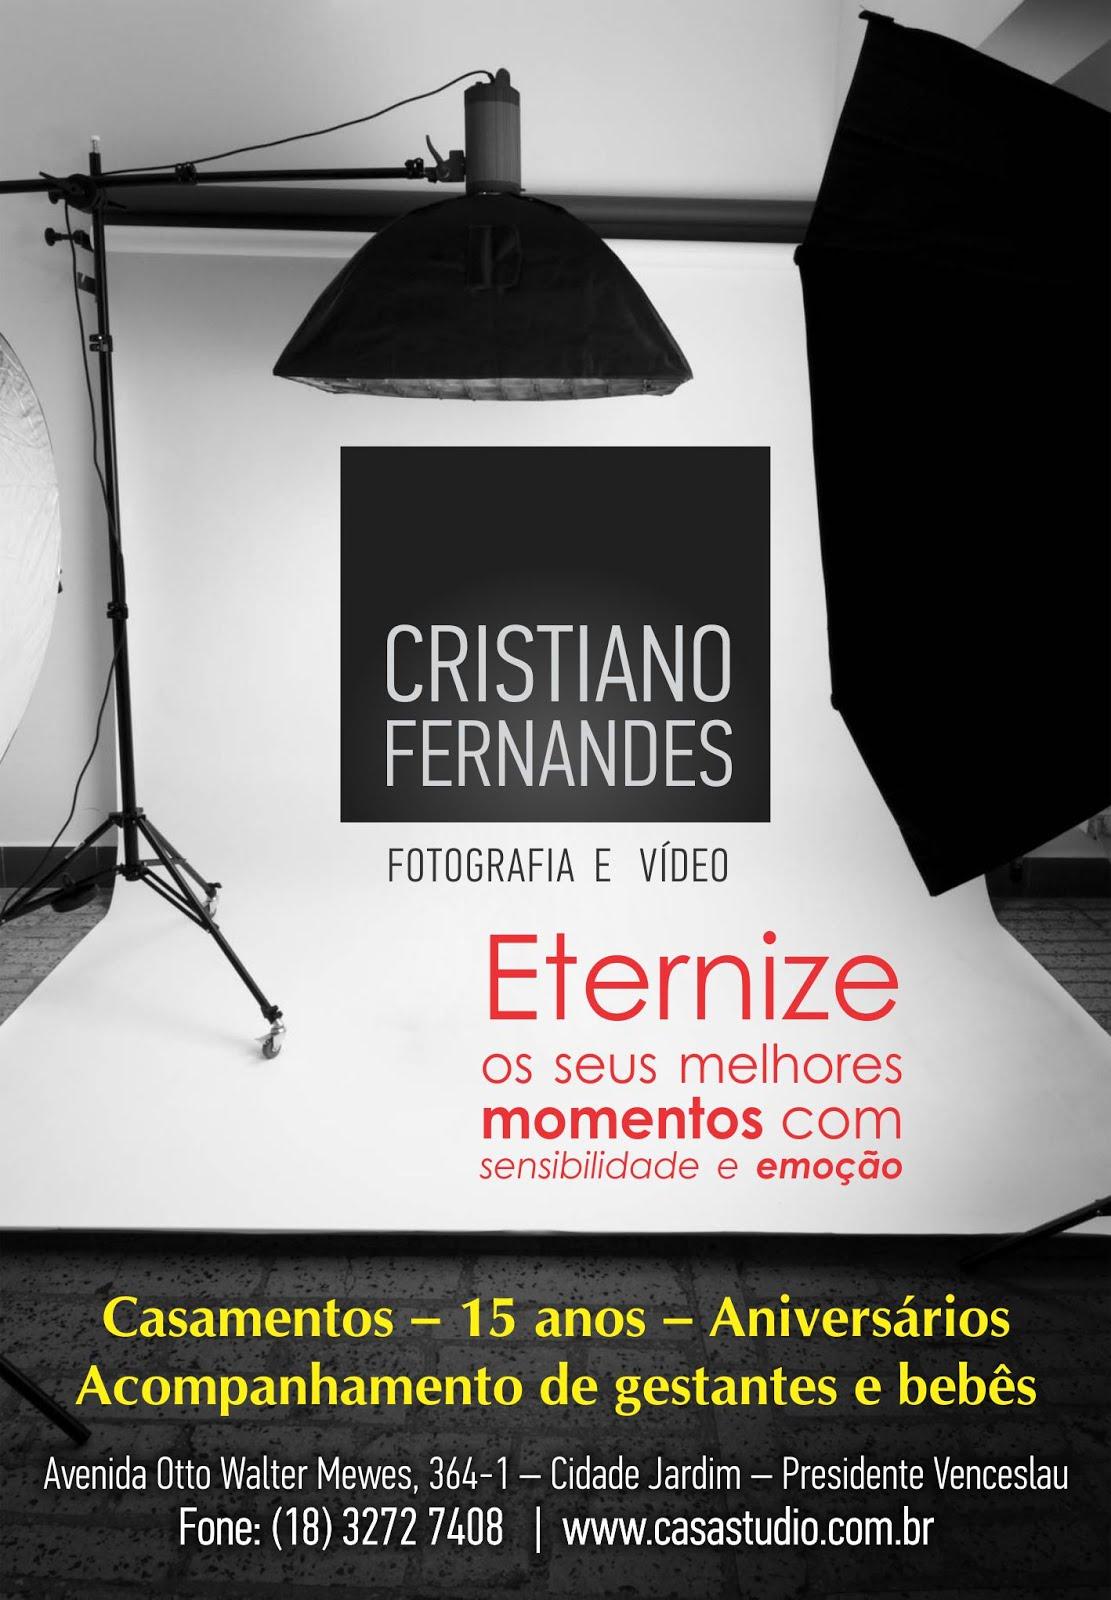 Cristiano Fernandes Fotografia